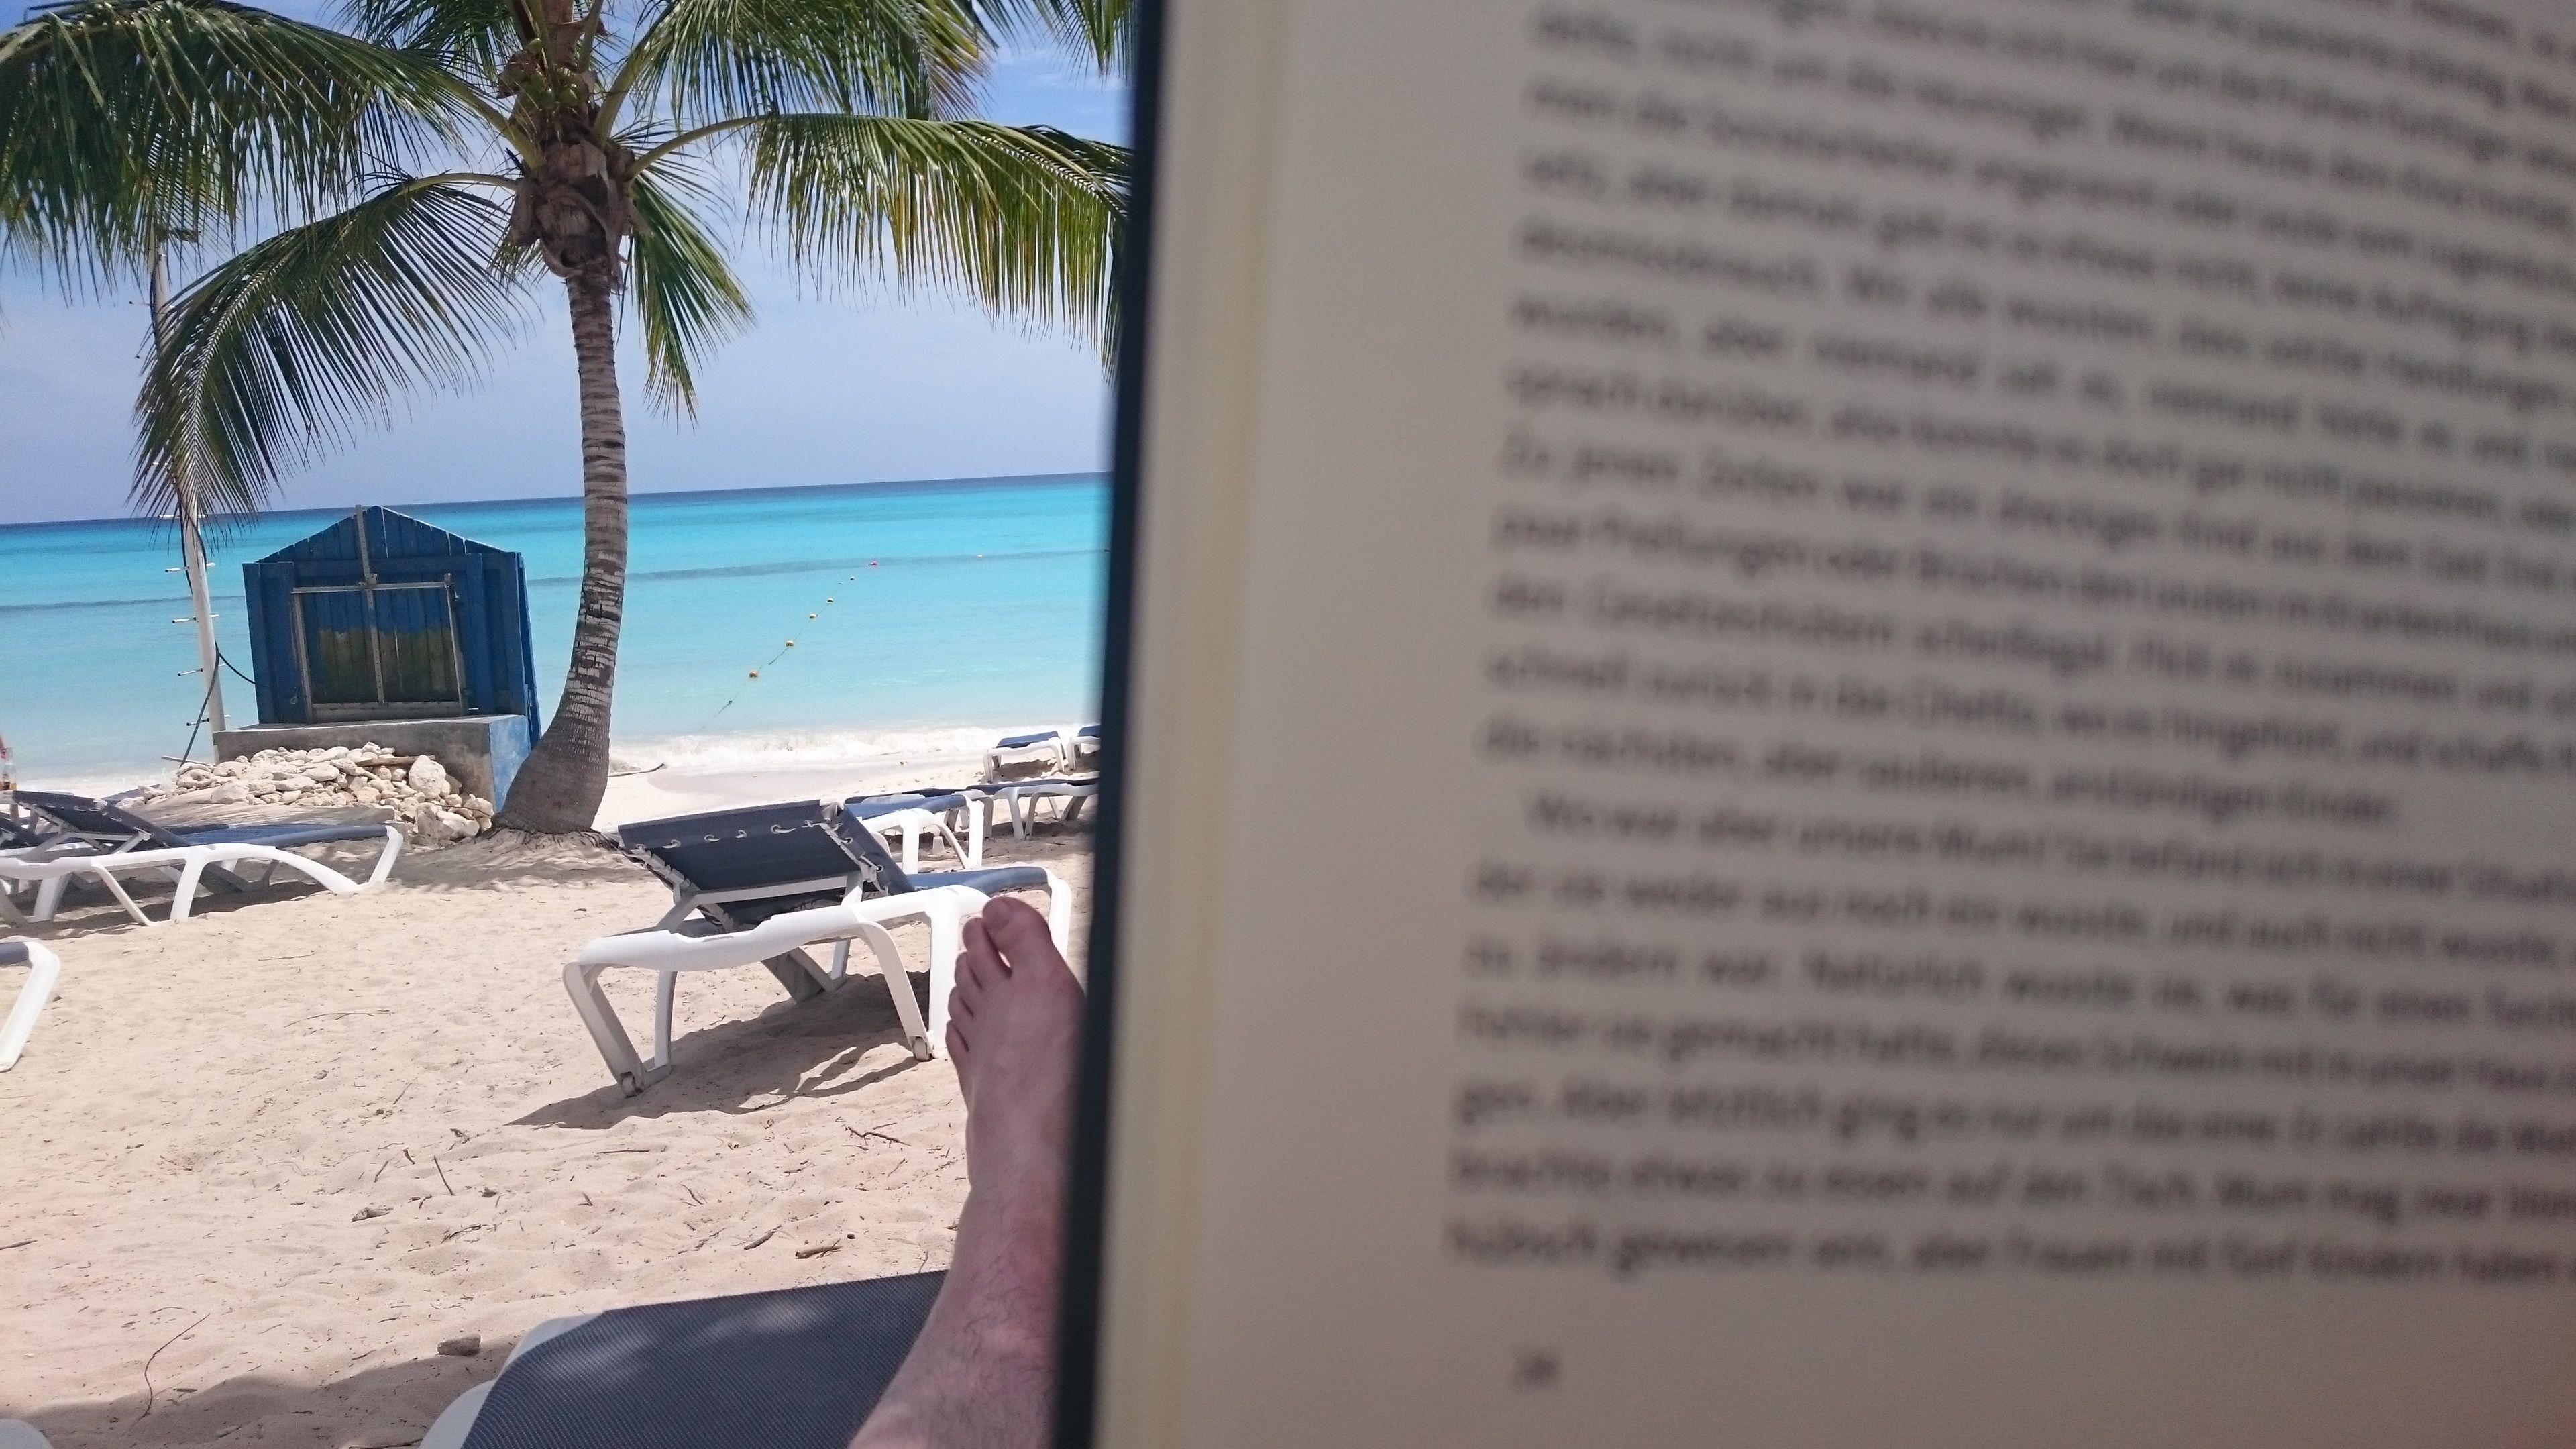 Schöner All-Inclusive Urlaub an einem traumhaften Strand in der Dominikanischen Republik Bayahibe Karibik. Entspannt am Strand bei einem guten Buch relaxen. Gönnen Sie sich eine Auszeit und erholen Sie sich in der Dominikanischen Republik, genauer in Bayahibe. Selten eine so schöne Urlaubsregion genießen dürfen. Empfehlenswert!